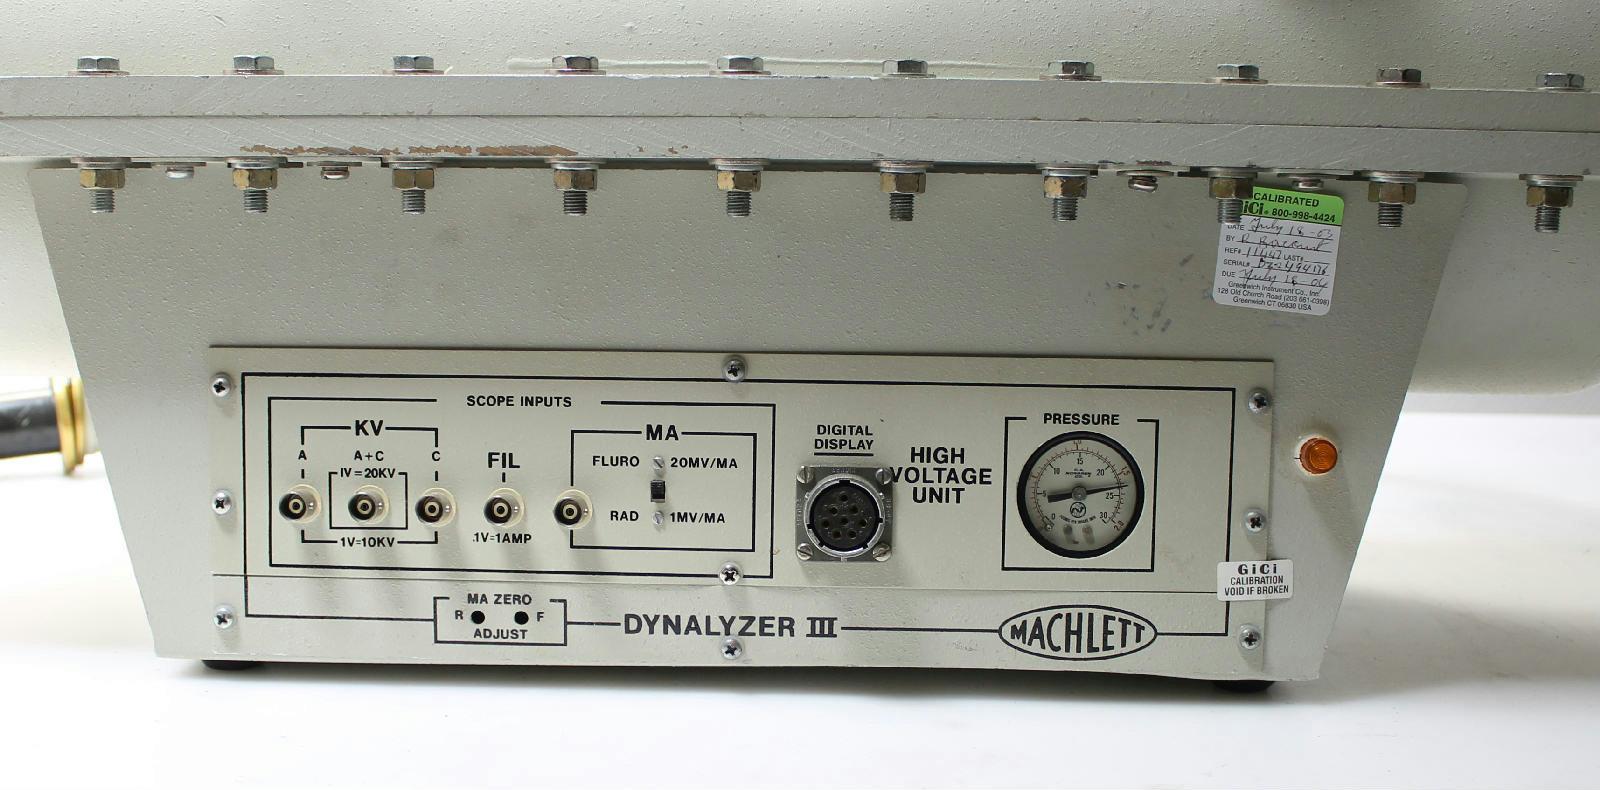 Varian Machlett Dynalyzer Iii High Voltage Unit X Ray